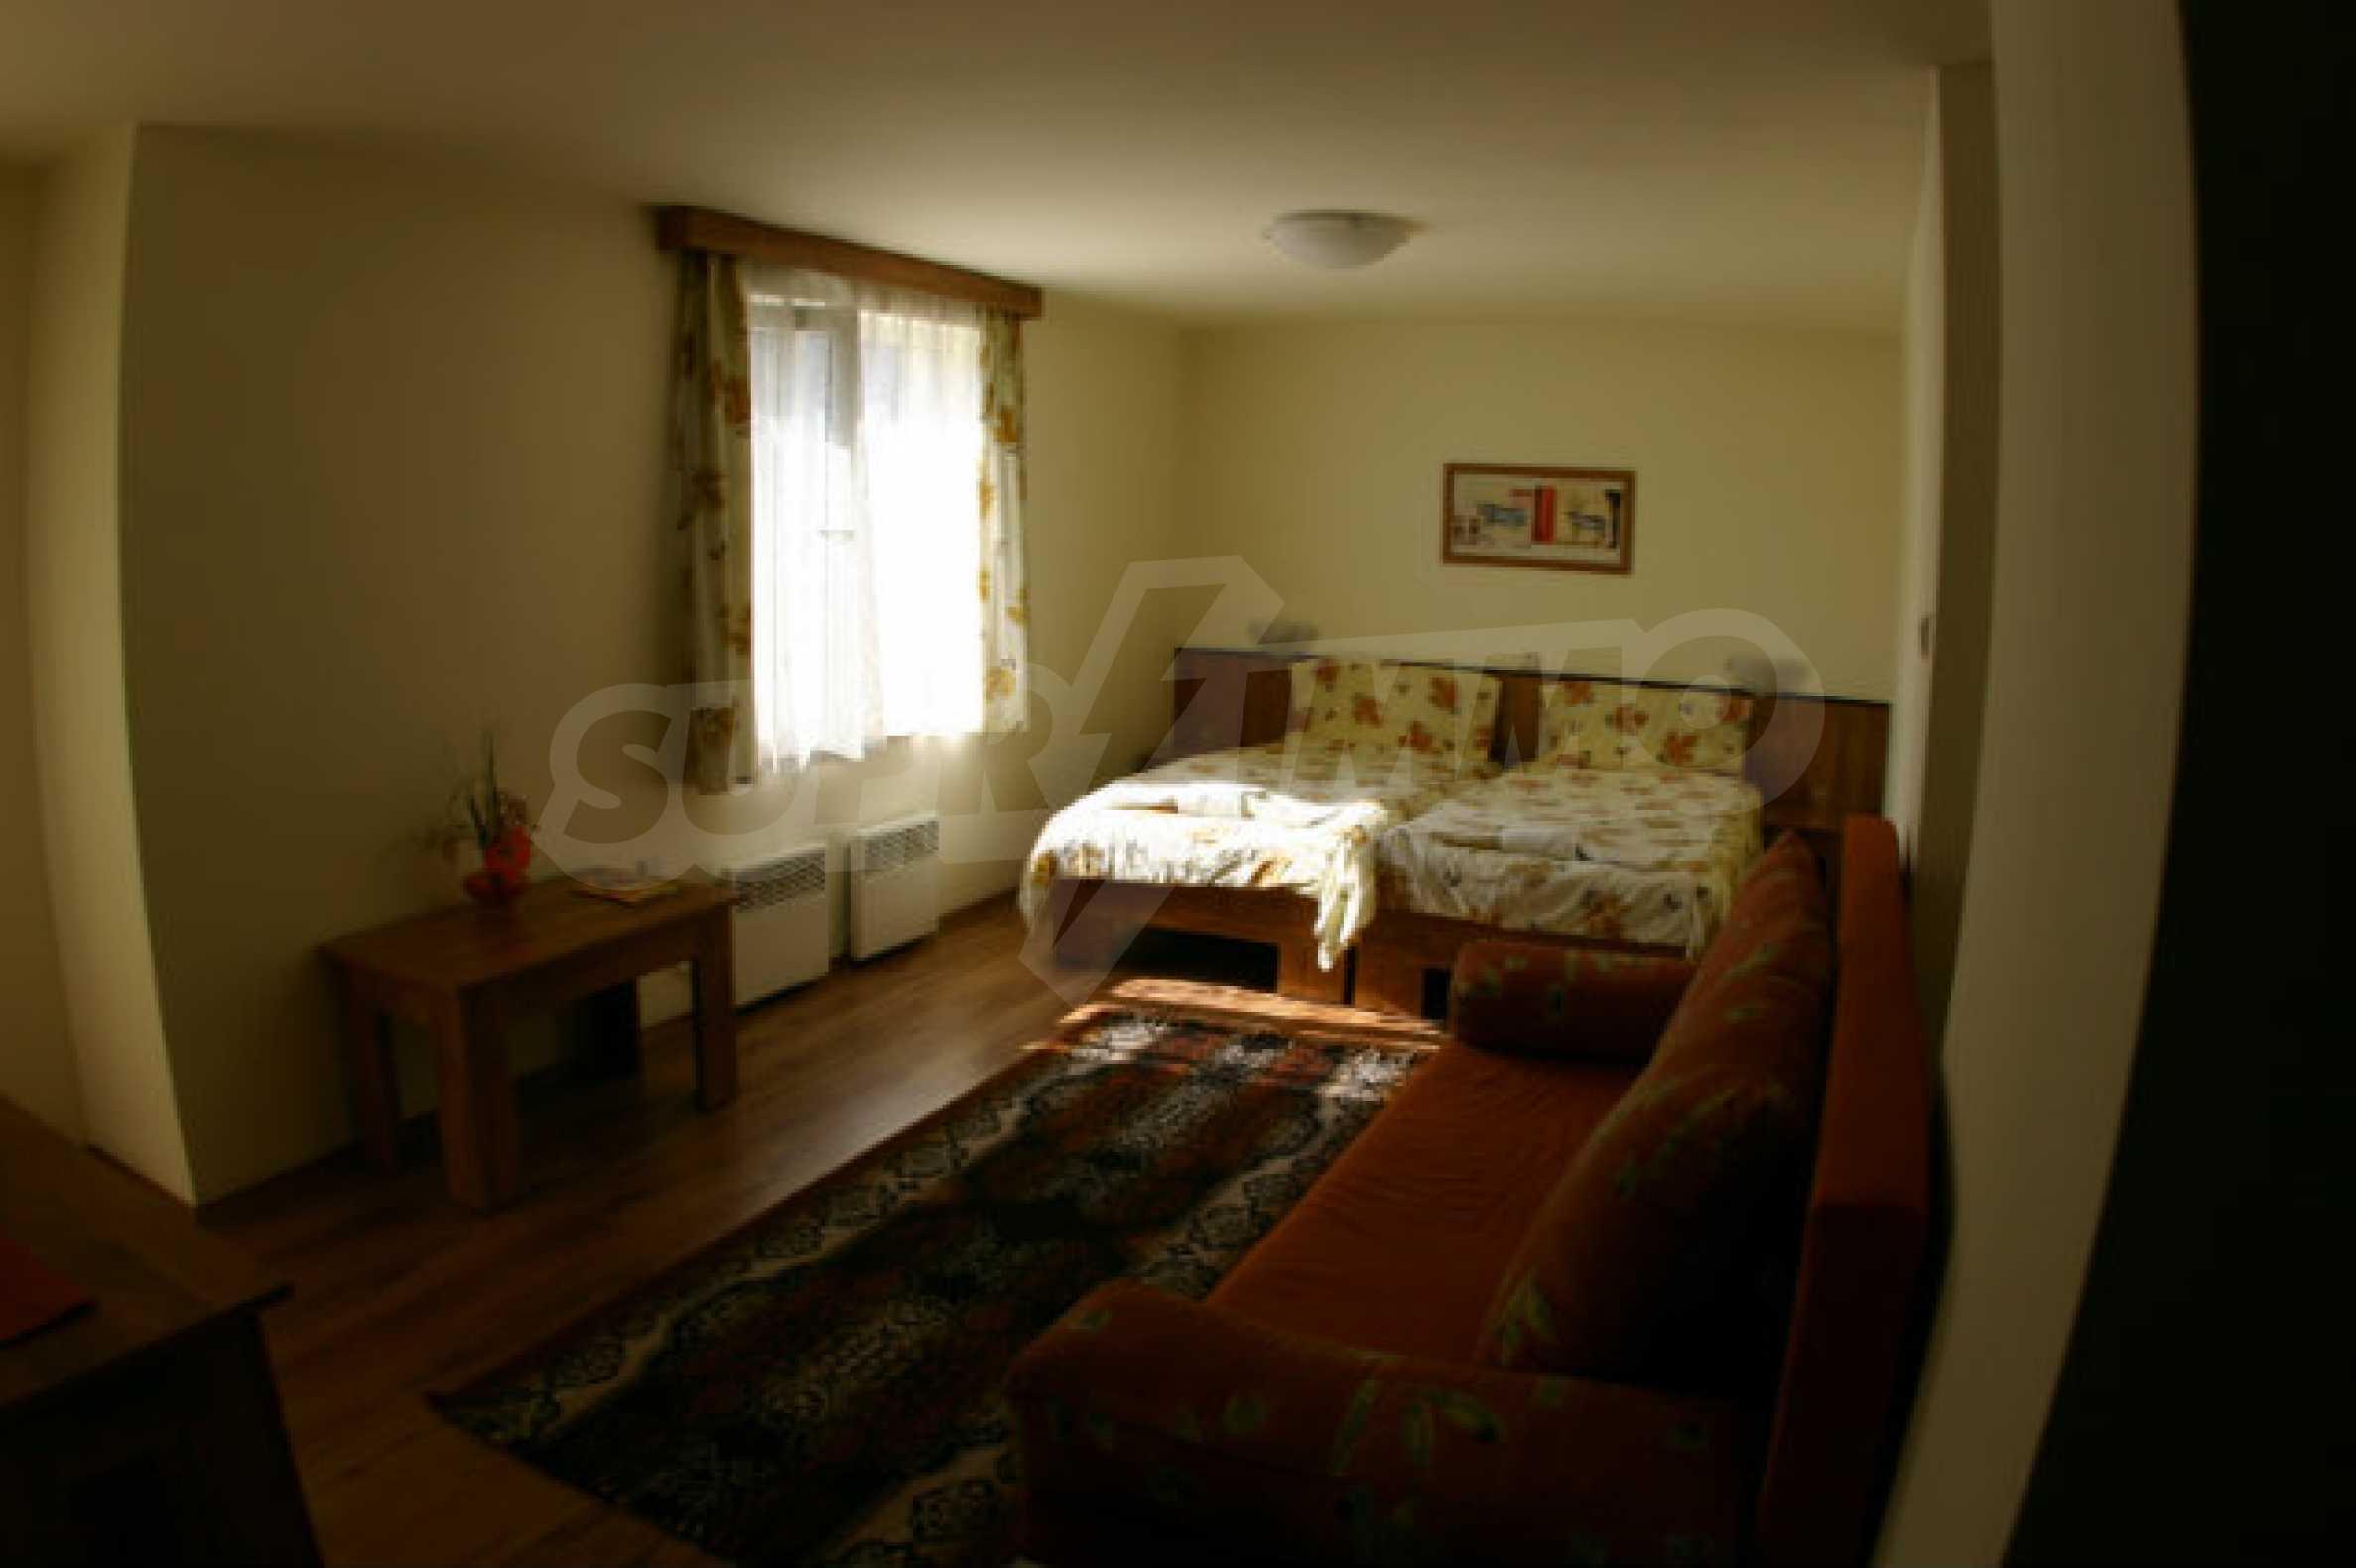 Familienhotel zum Verkauf in Dobrinischte, 6 km von Bansko entfernt 18